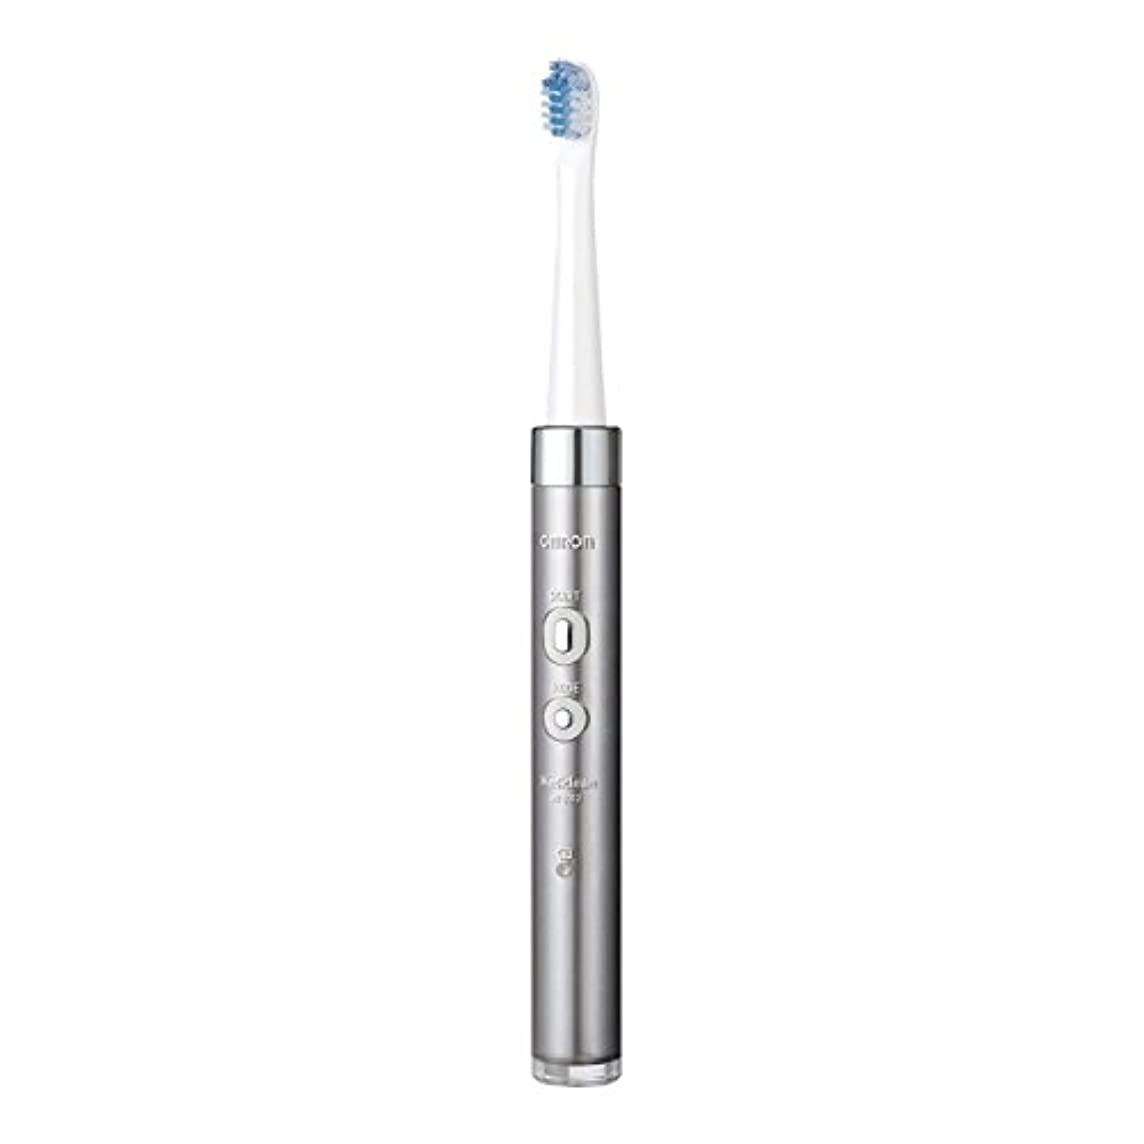 息子八百屋さんイチゴオムロンヘルスケア 音波式電動歯ブラシ HT-B312-SL シルバー